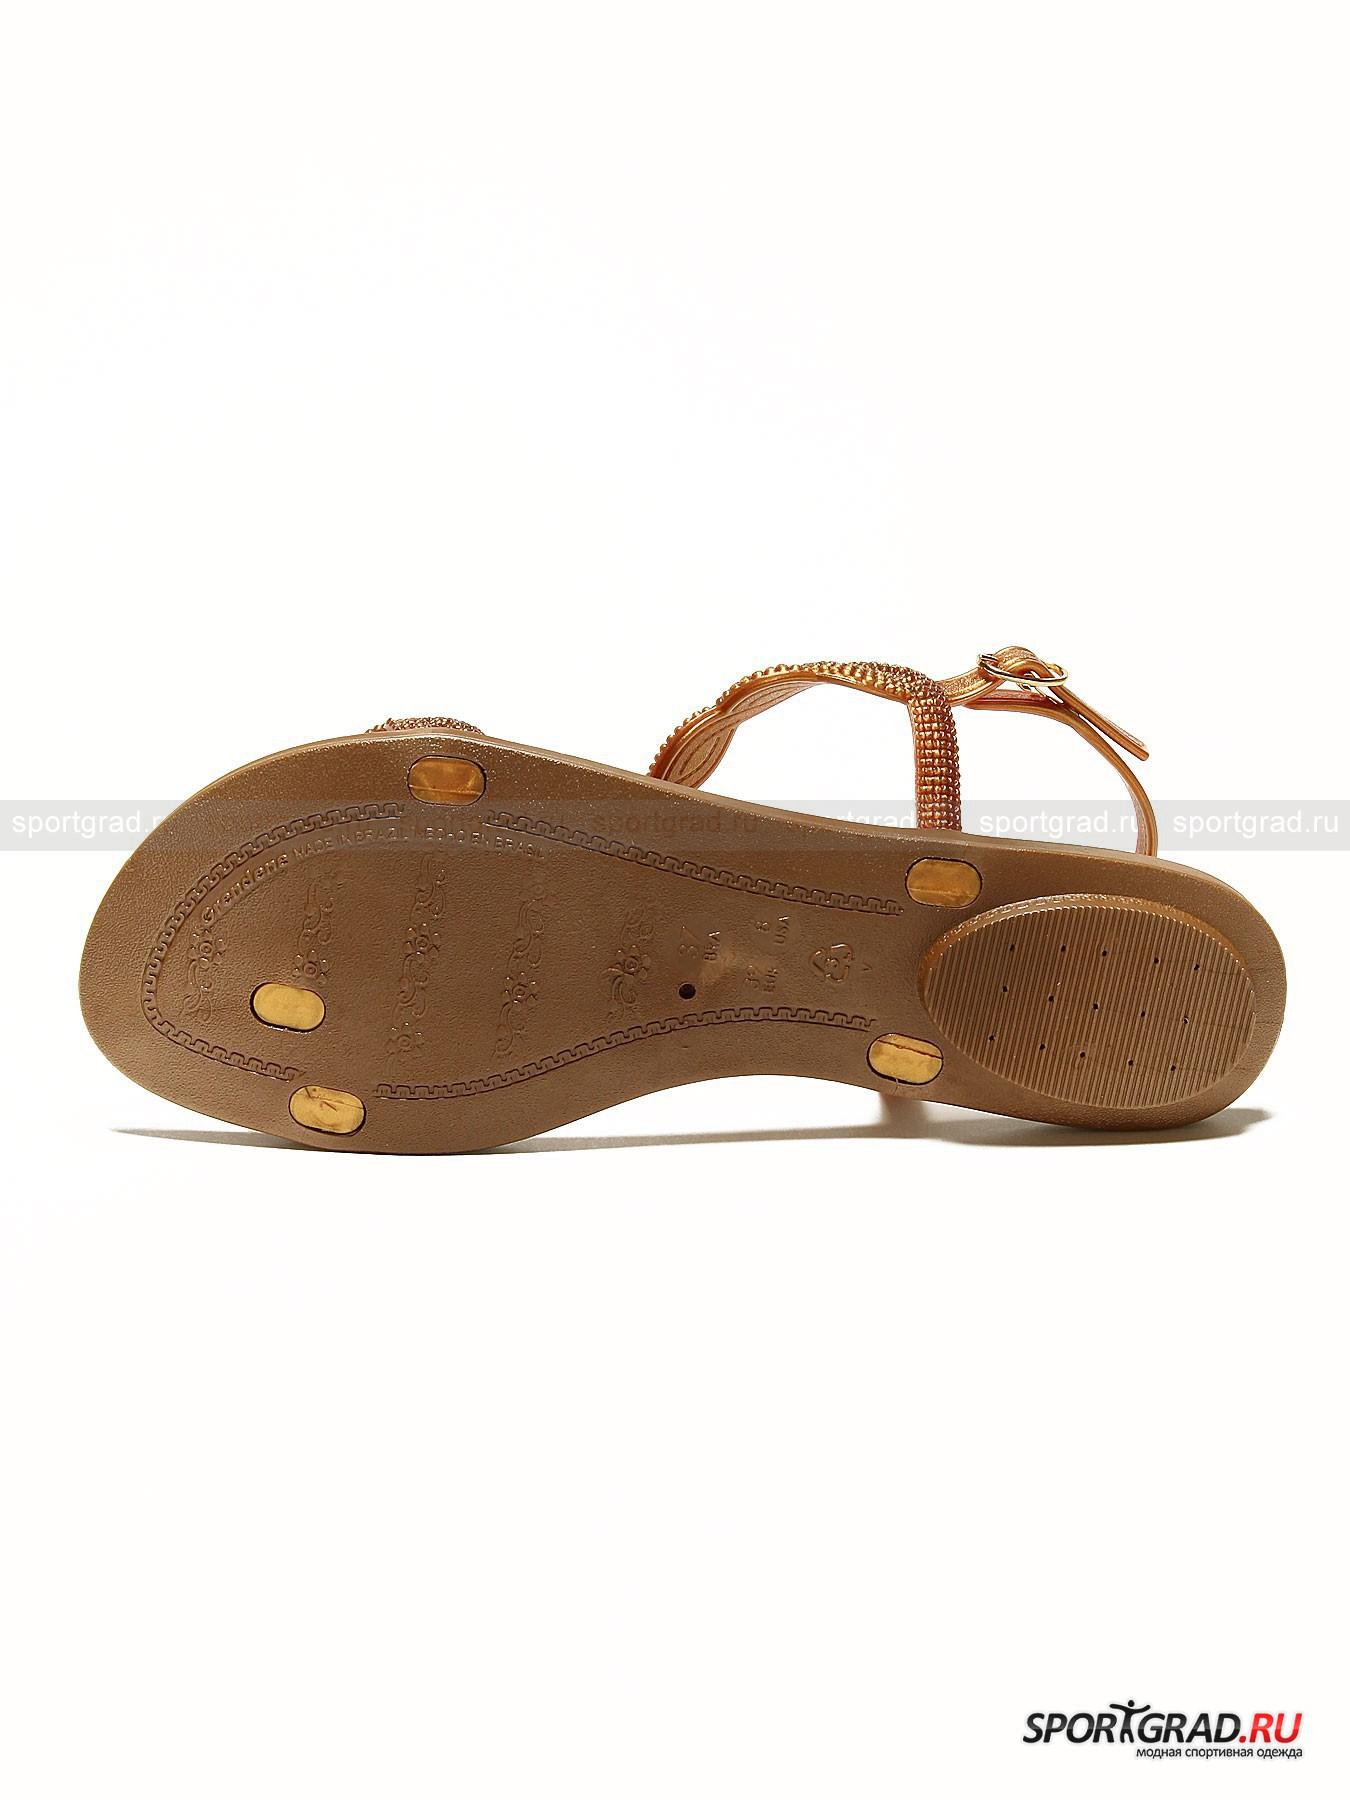 Сандалии женские Tribale sandals female GRENDHA от Спортград